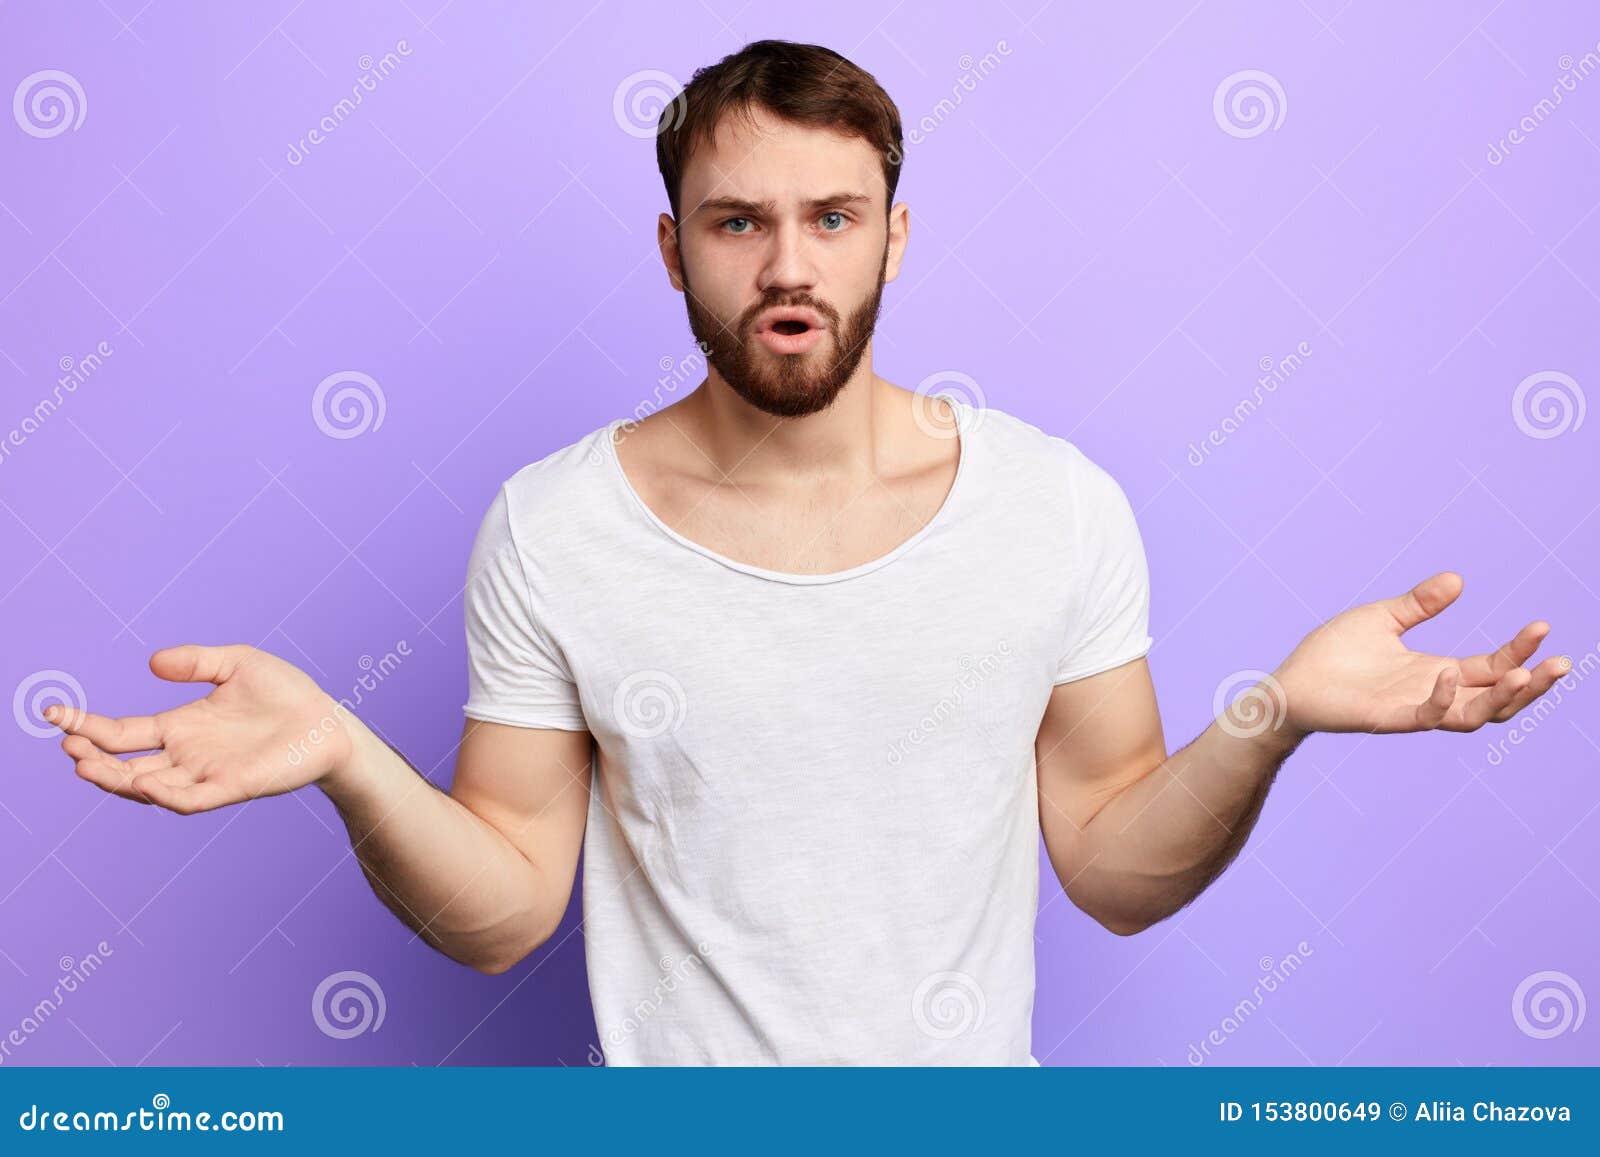 Unshure novo braços de espalhamento confundidos do homem